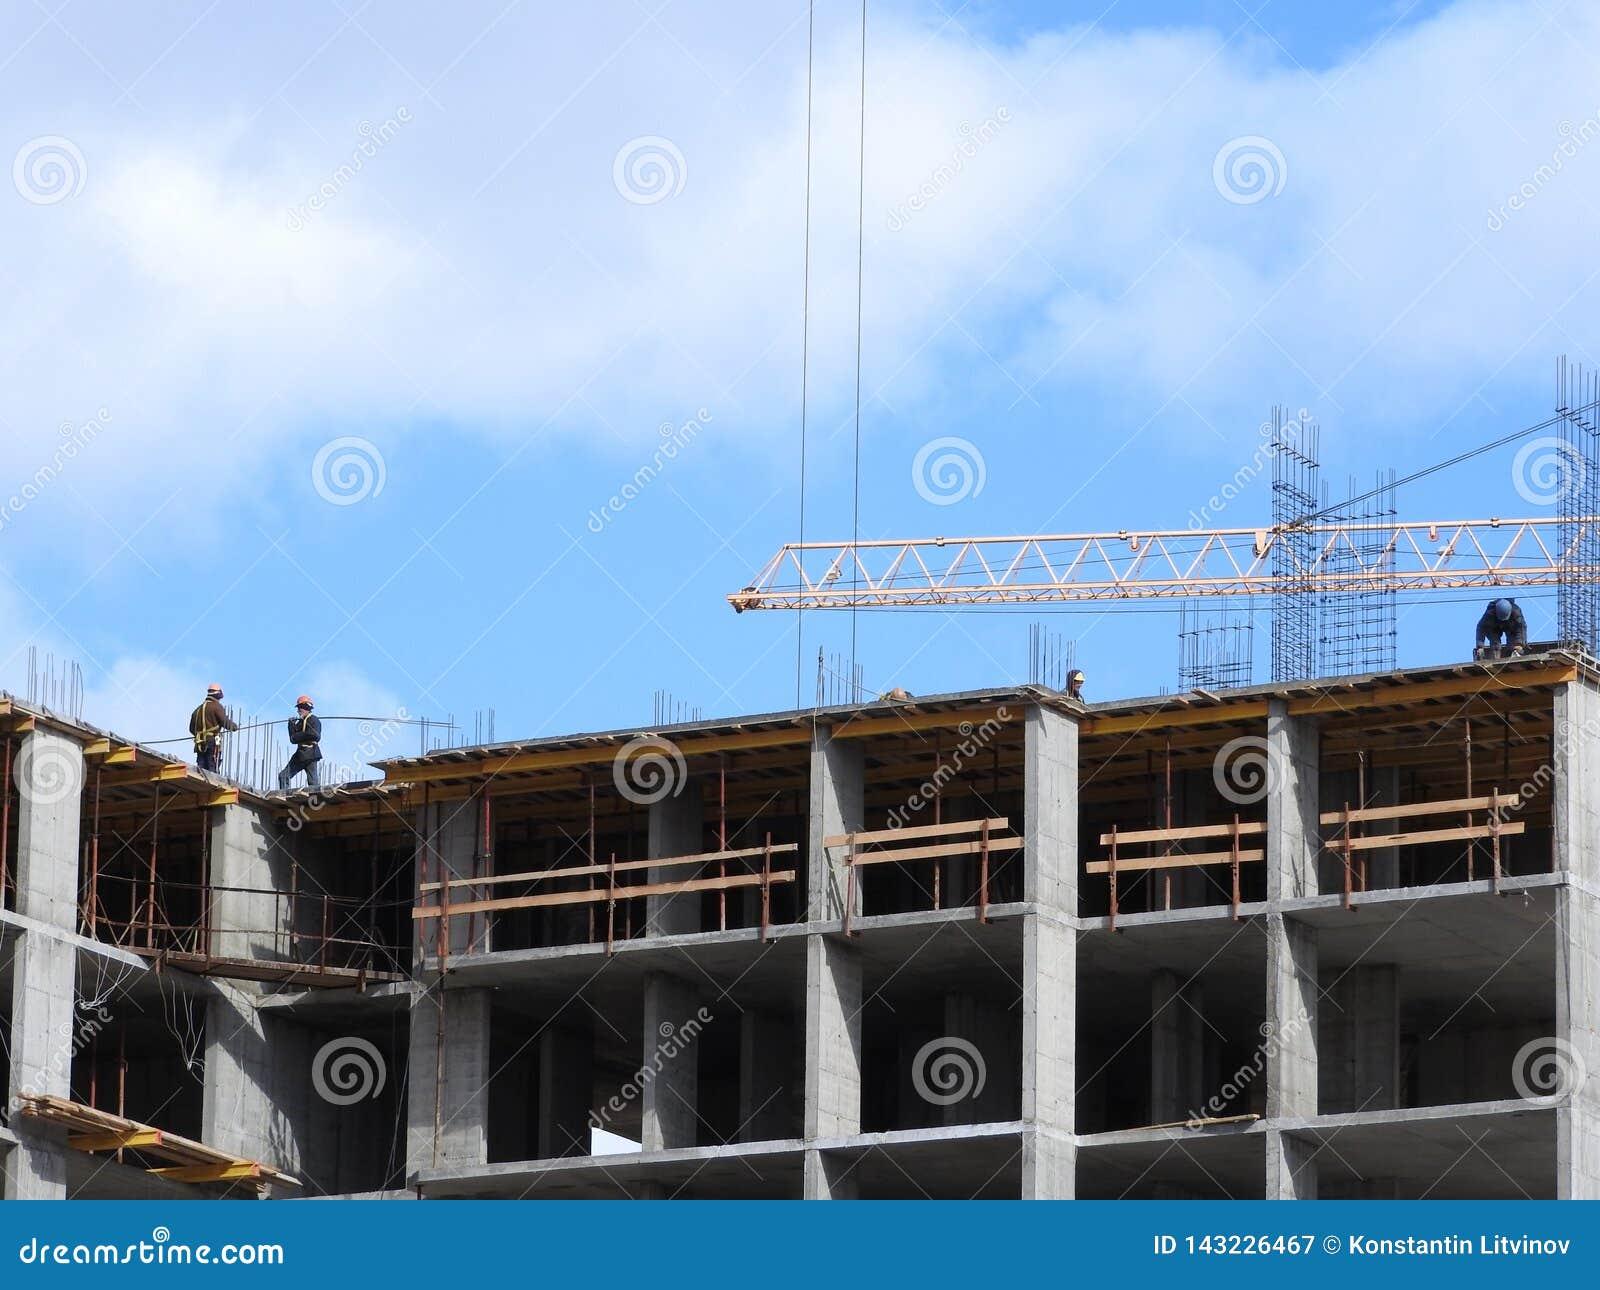 Grand chantier de construction, y compris plusieurs grues travaillant au complexe de construction, avec un ciel bleu clair